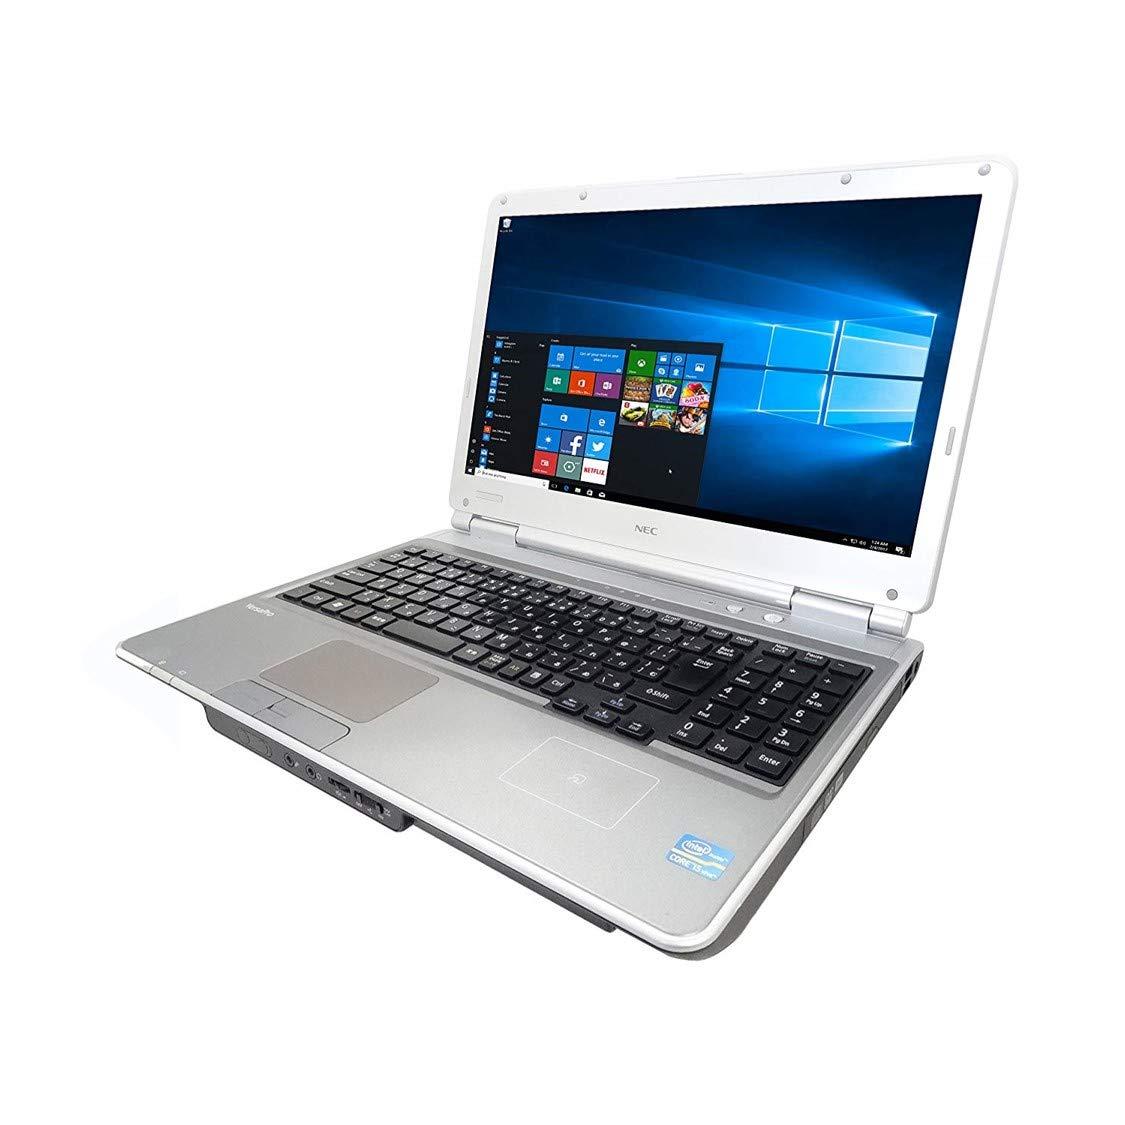 日本製 【Microsoft Office 2016搭載【Microsoft】 Office【Win 10搭載 新品SSD:240GB】NEC VD-F/第三世代Core i5-3310M 2.5GHz/超大容量メモリー8GB/新品SSD:480GB/DVDドライブ/10キー付/USB 3.0/HDMI/大画面15インチ/無線LAN搭載/中古ノートパソコン (新品SSD:480GB) B07FY1ZRVM 新品SSD:240GB 新品SSD:240GB, アンティークマイクS:c2c604df --- arbimovel.dominiotemporario.com